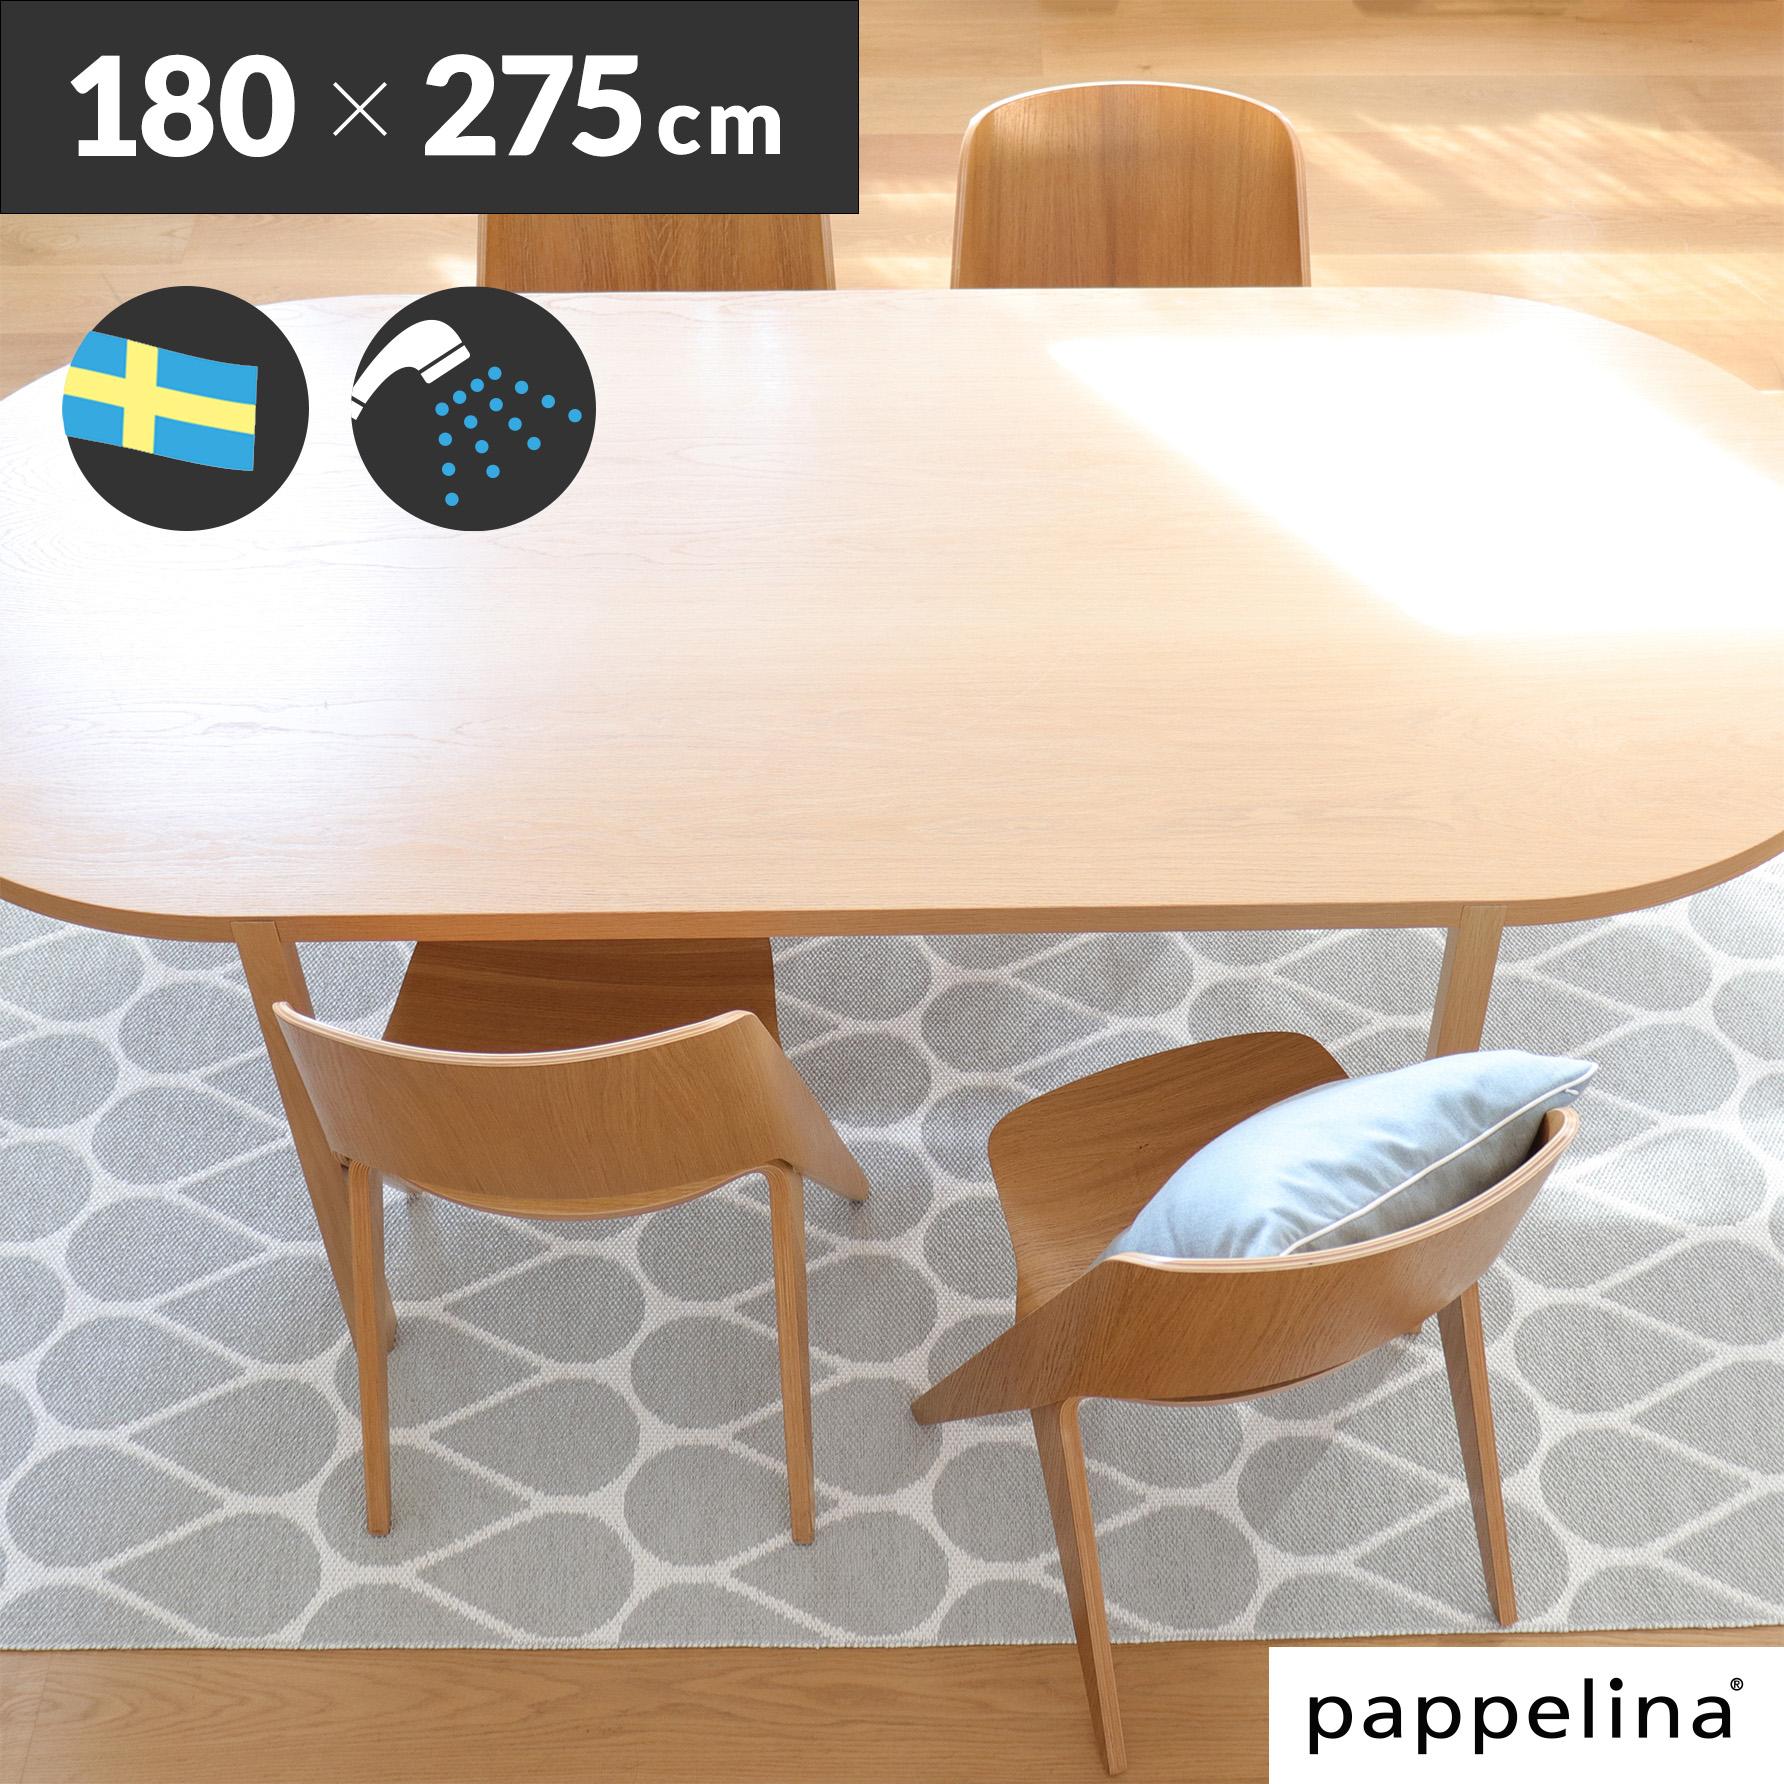 pappelina パペリナ正規販売店Otis オーティス 180-275ダイニングラグマット・リビング カーペット